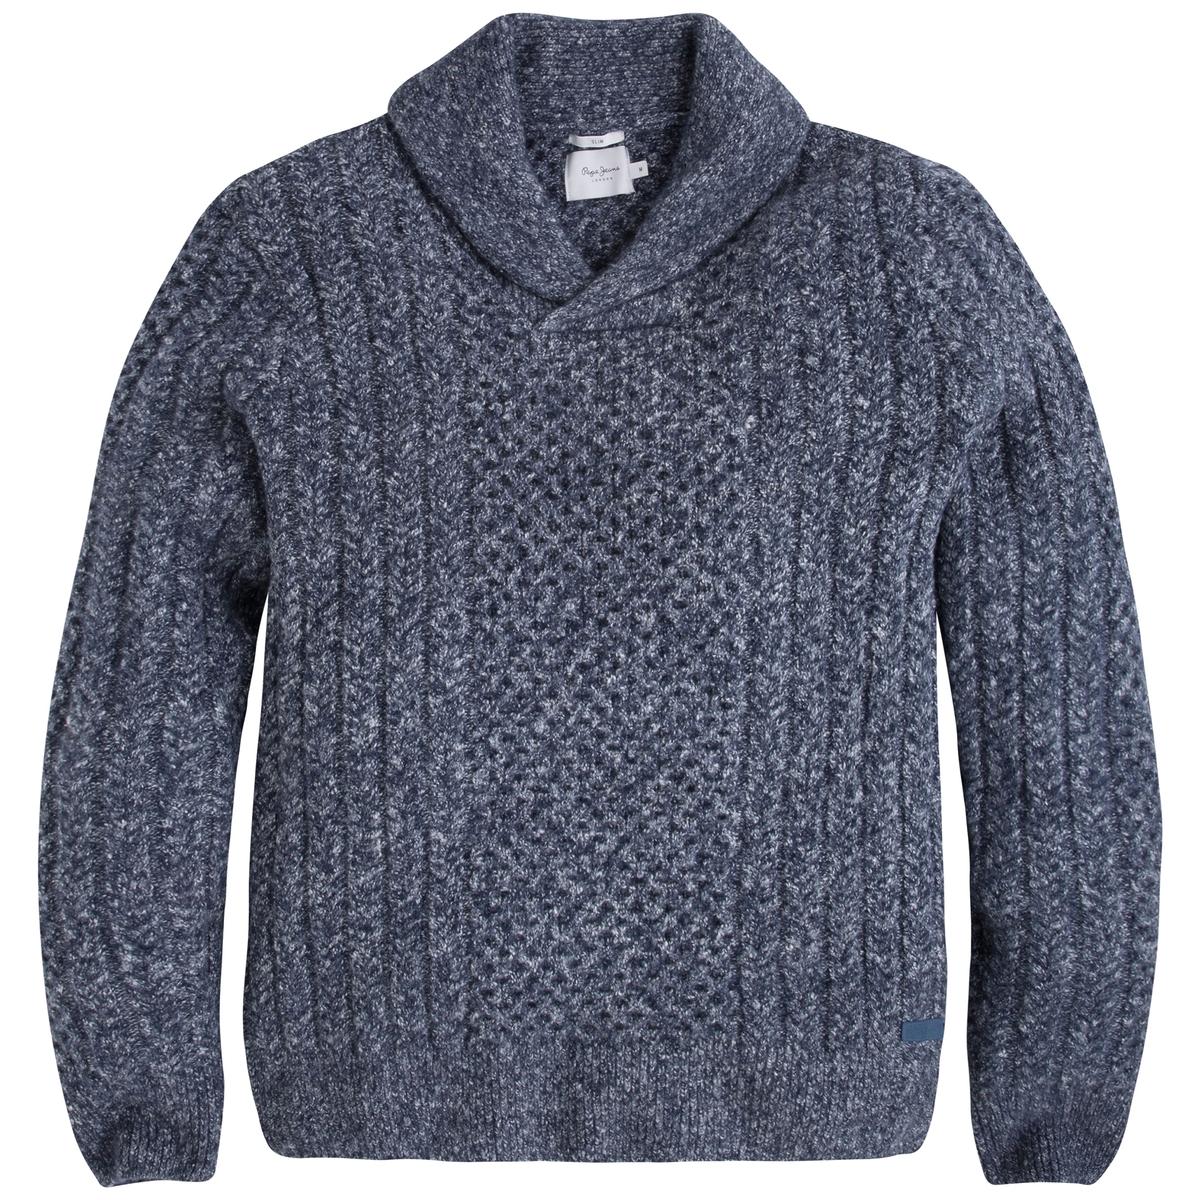 Пуловер крупной вязкиОписание:Детали  •  Длинные рукава •  Шалевый воротник •  Плотный трикотаж Состав и уход  •  53% акрила, 31% хлопка, 1% эластана, 6% полиамида, 9% полиэстера •  Следуйте советам по уходу, указанным на этикетке<br><br>Цвет: синий<br>Размер: S